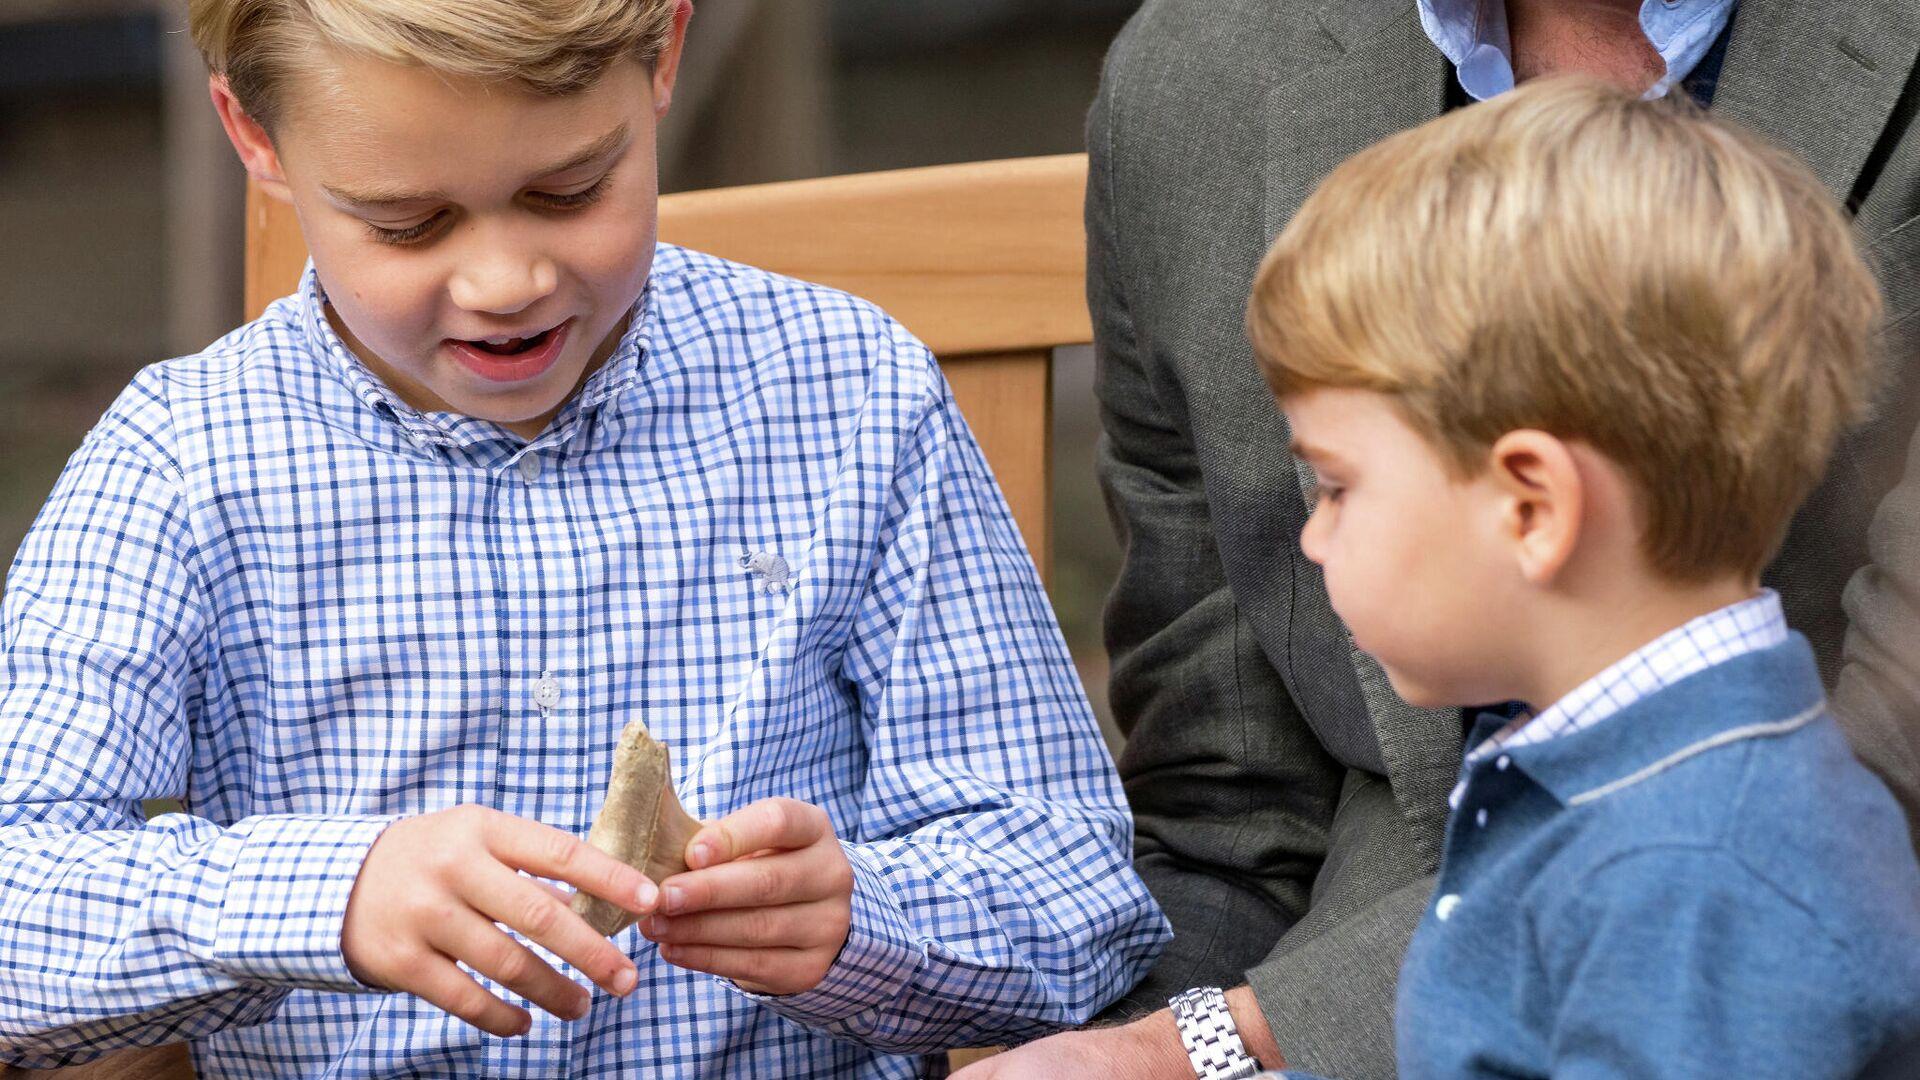 1577934506 0:982:2048:2134 1920x0 80 0 0 4be5fb8ace4ef9c12f7fe64fad4da0b7 - На Мальте возмутились, что сын принца Уильяма играет с древним артефактом